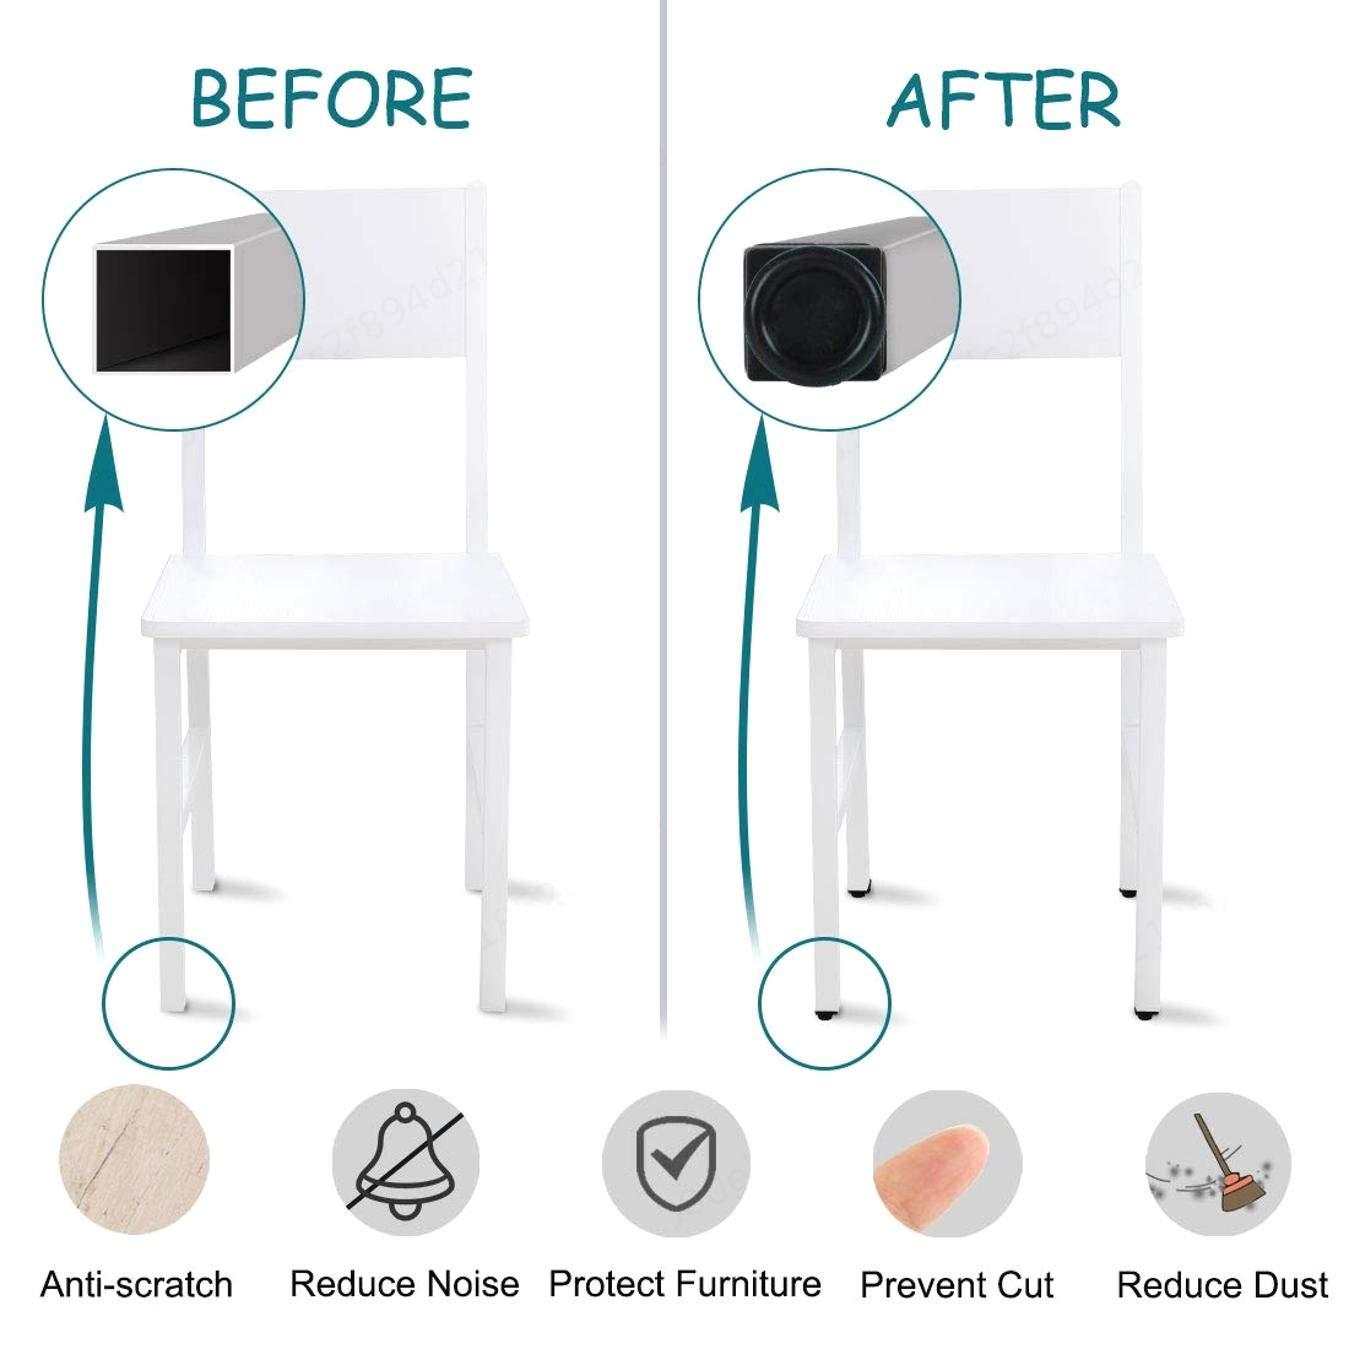 PRINDIY 8 Juegos Patas para Muebles de Insertos de Tubo Cuadrado de 40 x 40 mm Kit de Deslizamiento de Muebles nivelador Ajustable Patas niveladoras para Escritorio Mesa Gabinete Pata